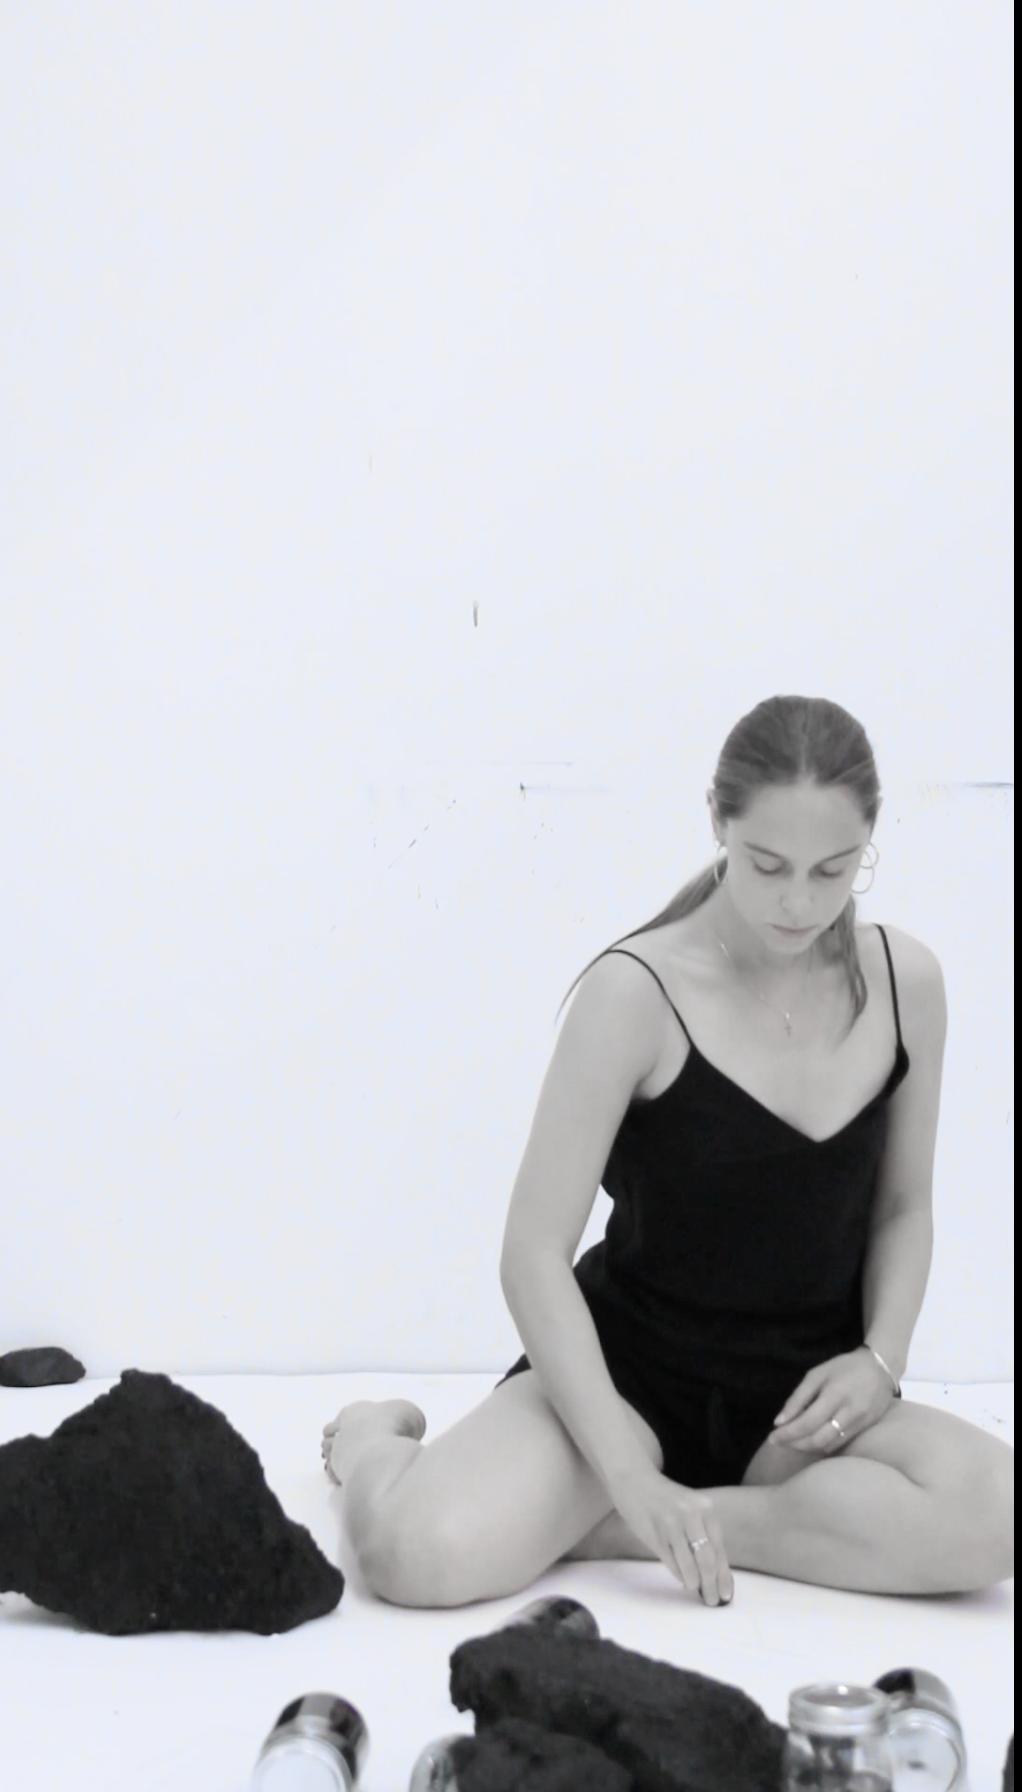 Performance filmed